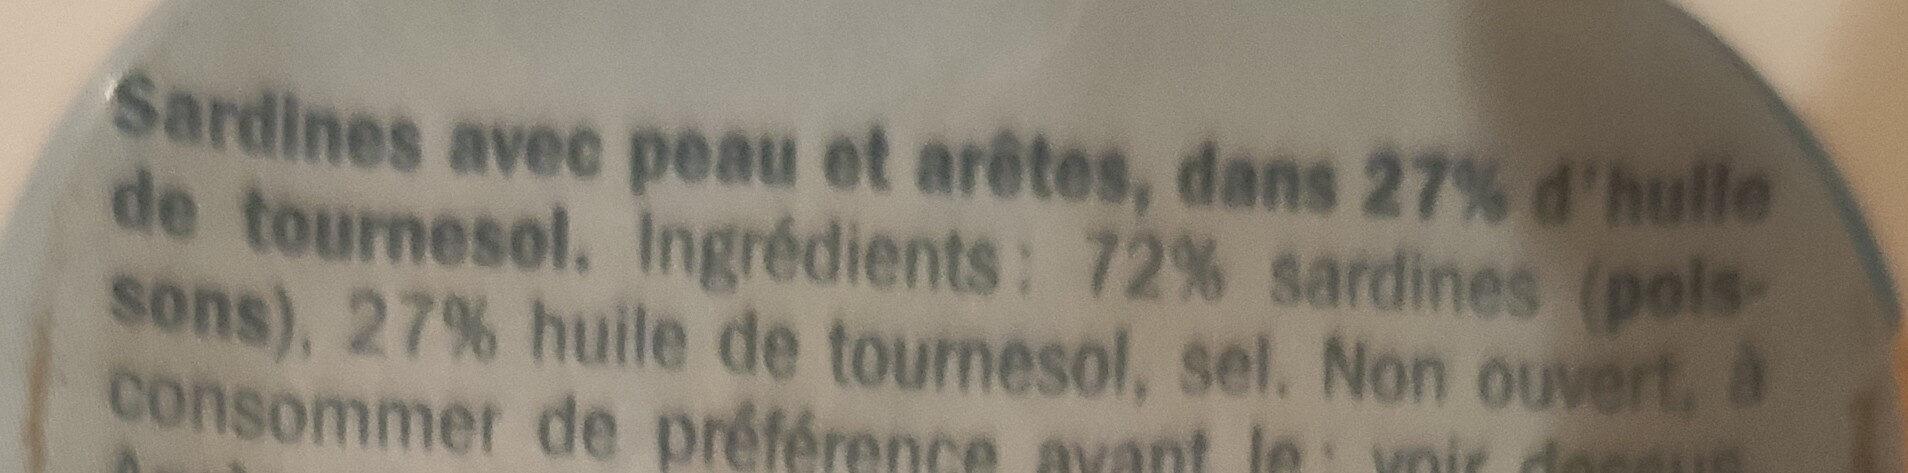 Sardines - Ingredients - fr